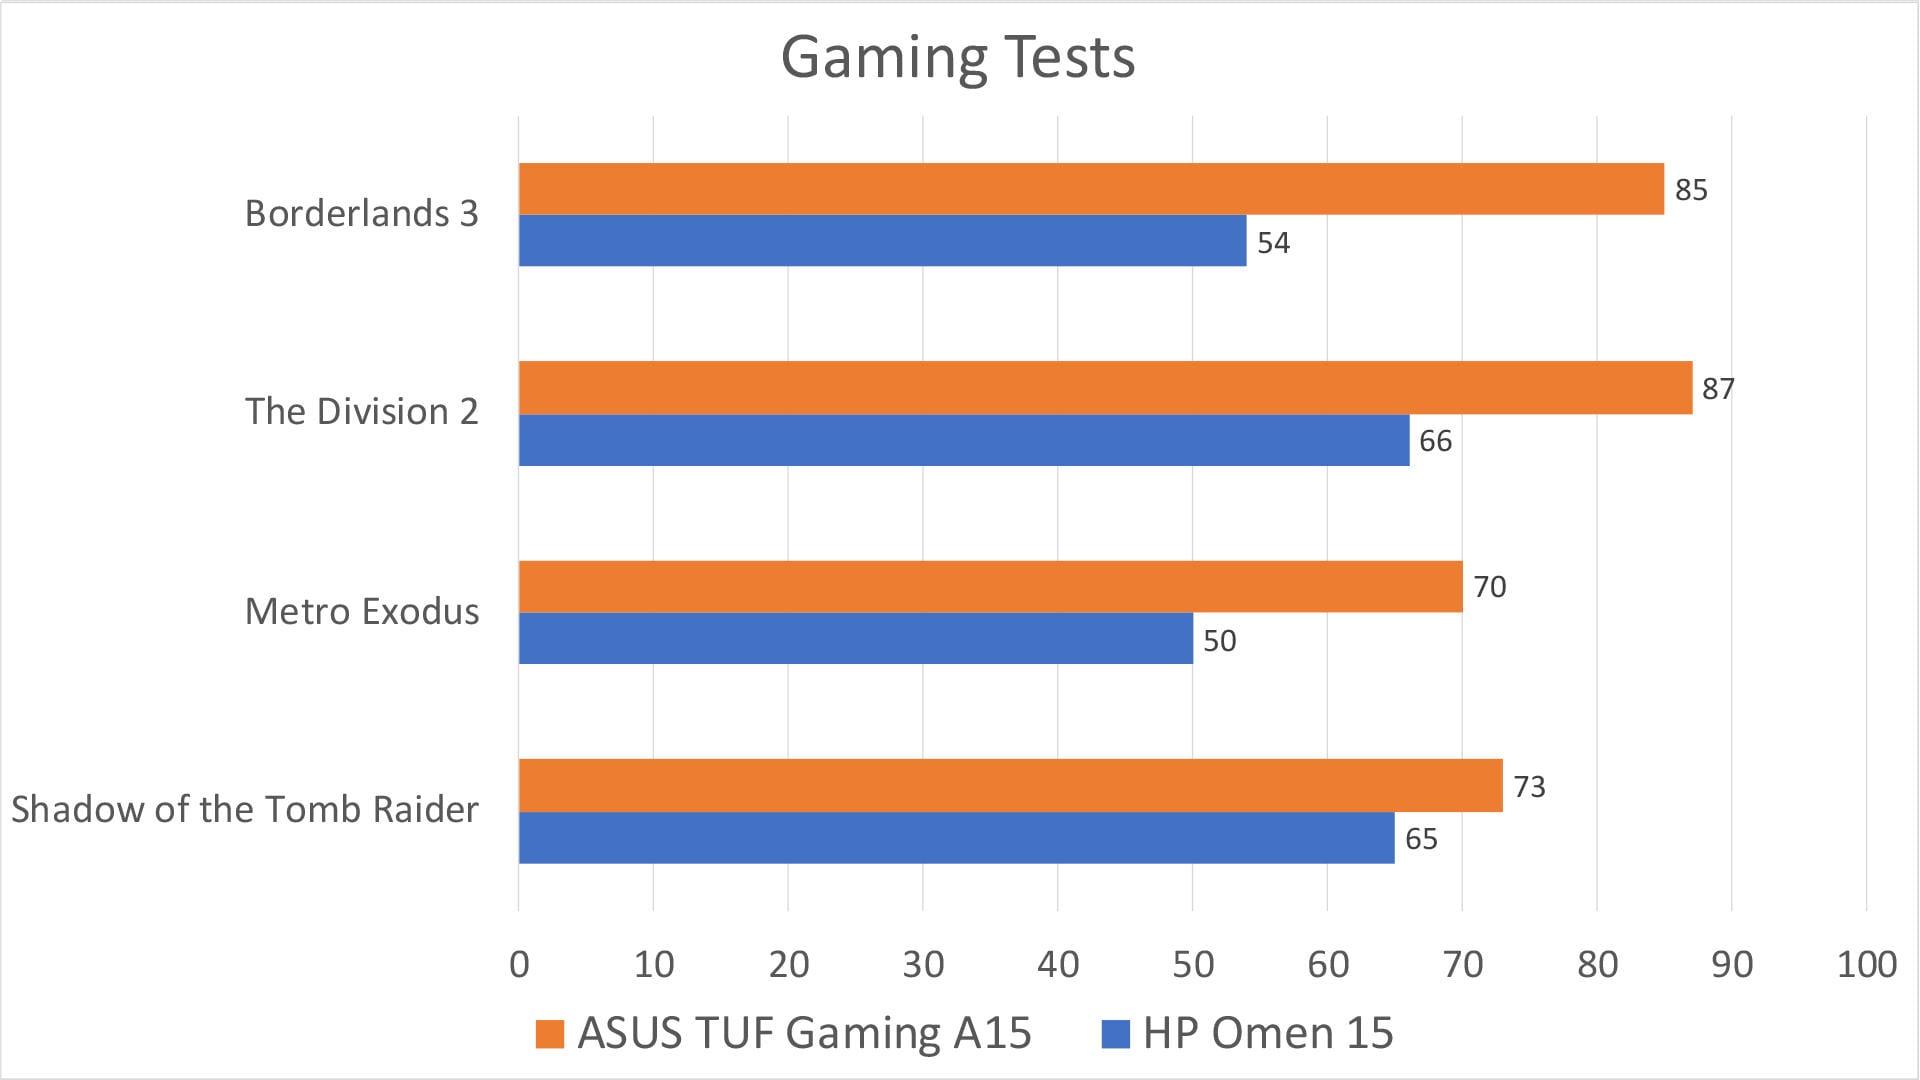 L'ASUS A15 est environ 25k moins cher que l'Omen 15, et un peu plus puissant, comme vous pouvez le voir. L'Omen compense cela avec un écran et un ensemble de haut-parleurs bien meilleurs, ce qui, à mon avis, compte beaucoup plus, même lorsque vous jouez.